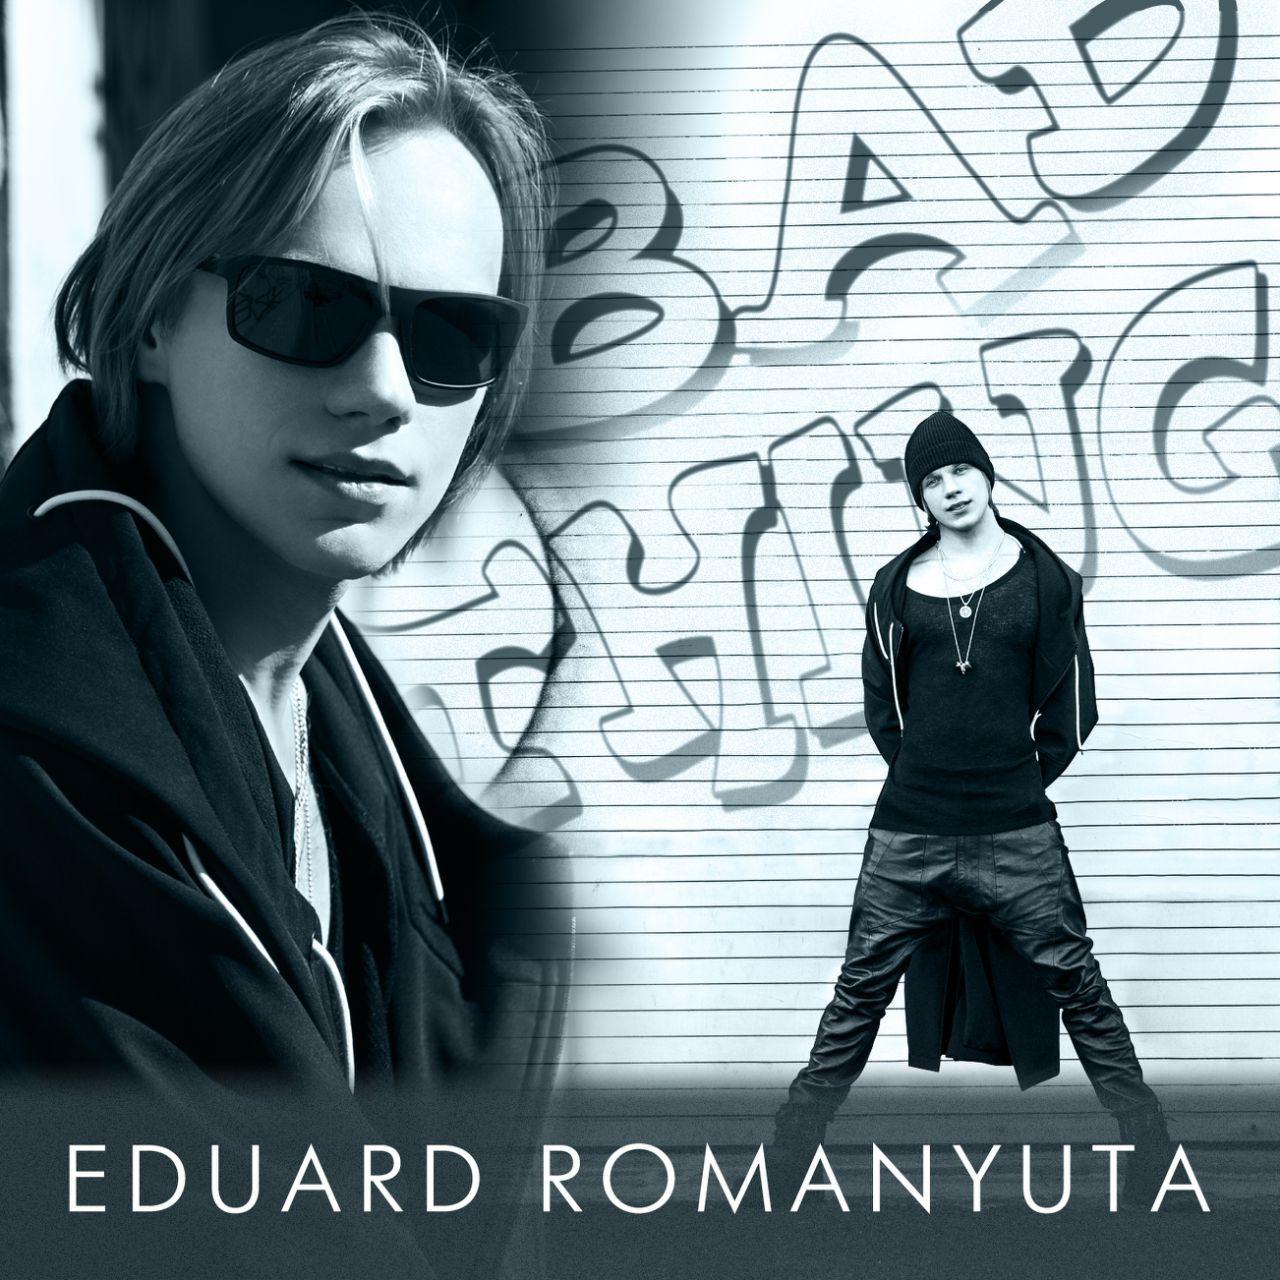 Эдуард Романюта выпустил новый эмоциональный сингл о любви